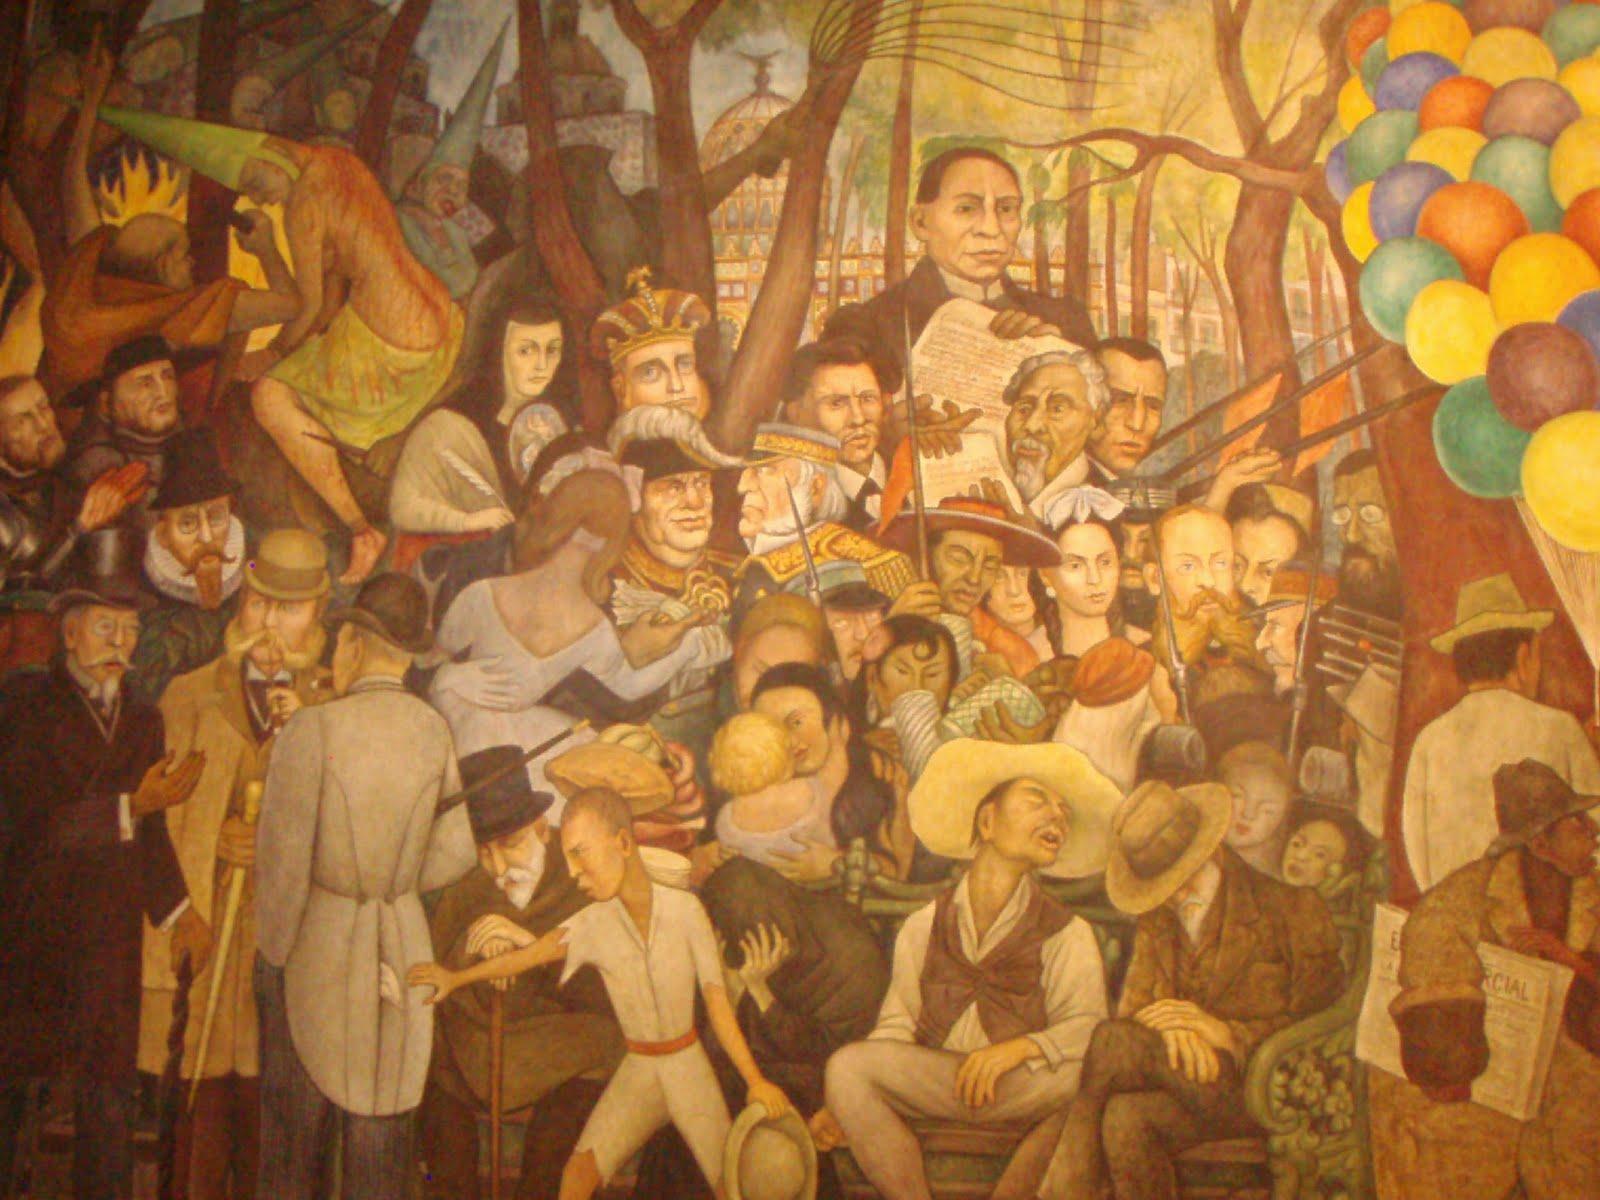 El abogado del diablo un domingo en la alameda por for Un mural de diego rivera